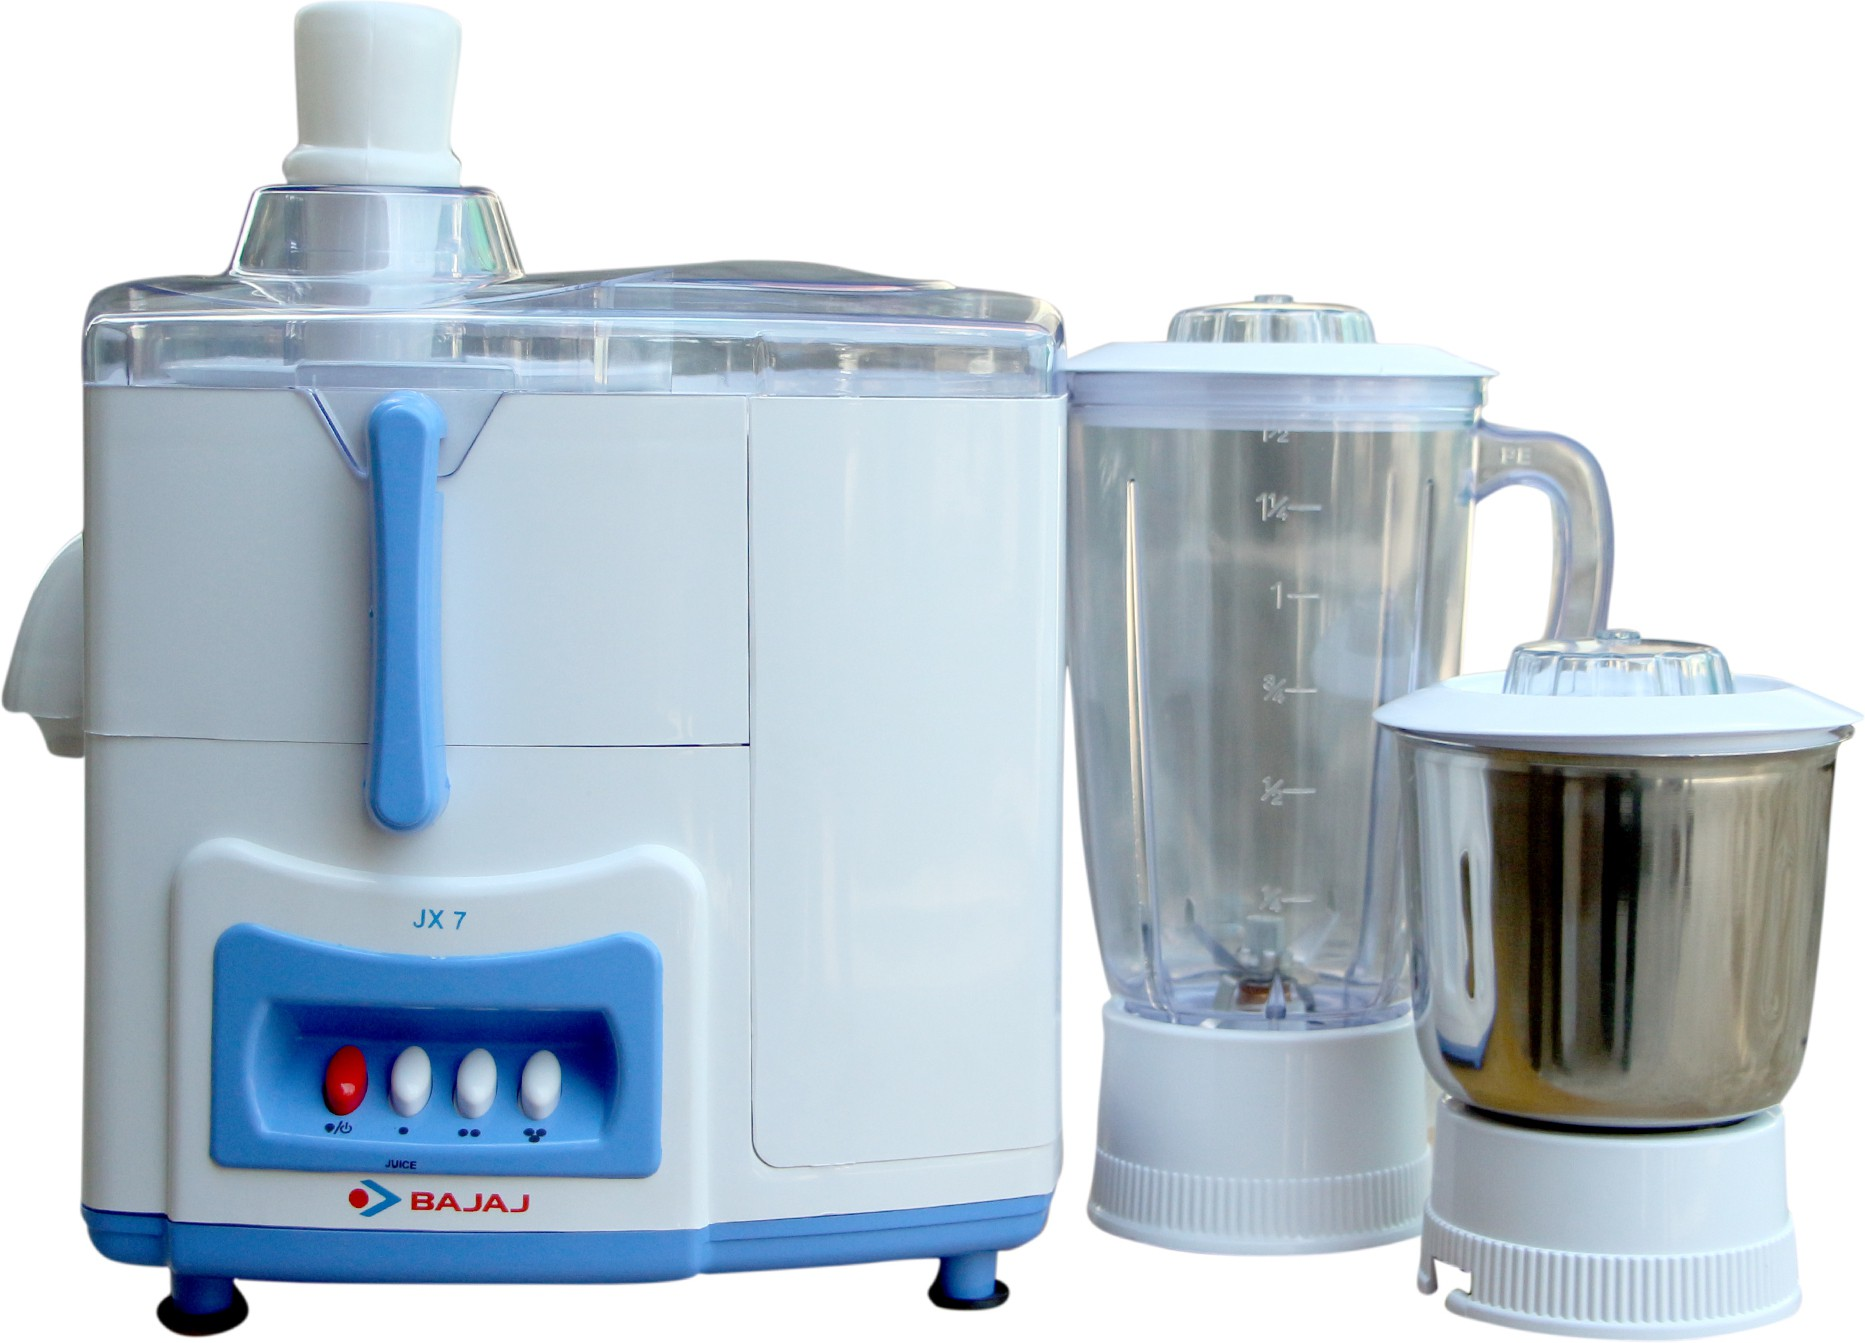 Bajaj JX 7 500 W Juicer Mixer Grinder(White, Blue, 2 Jars)